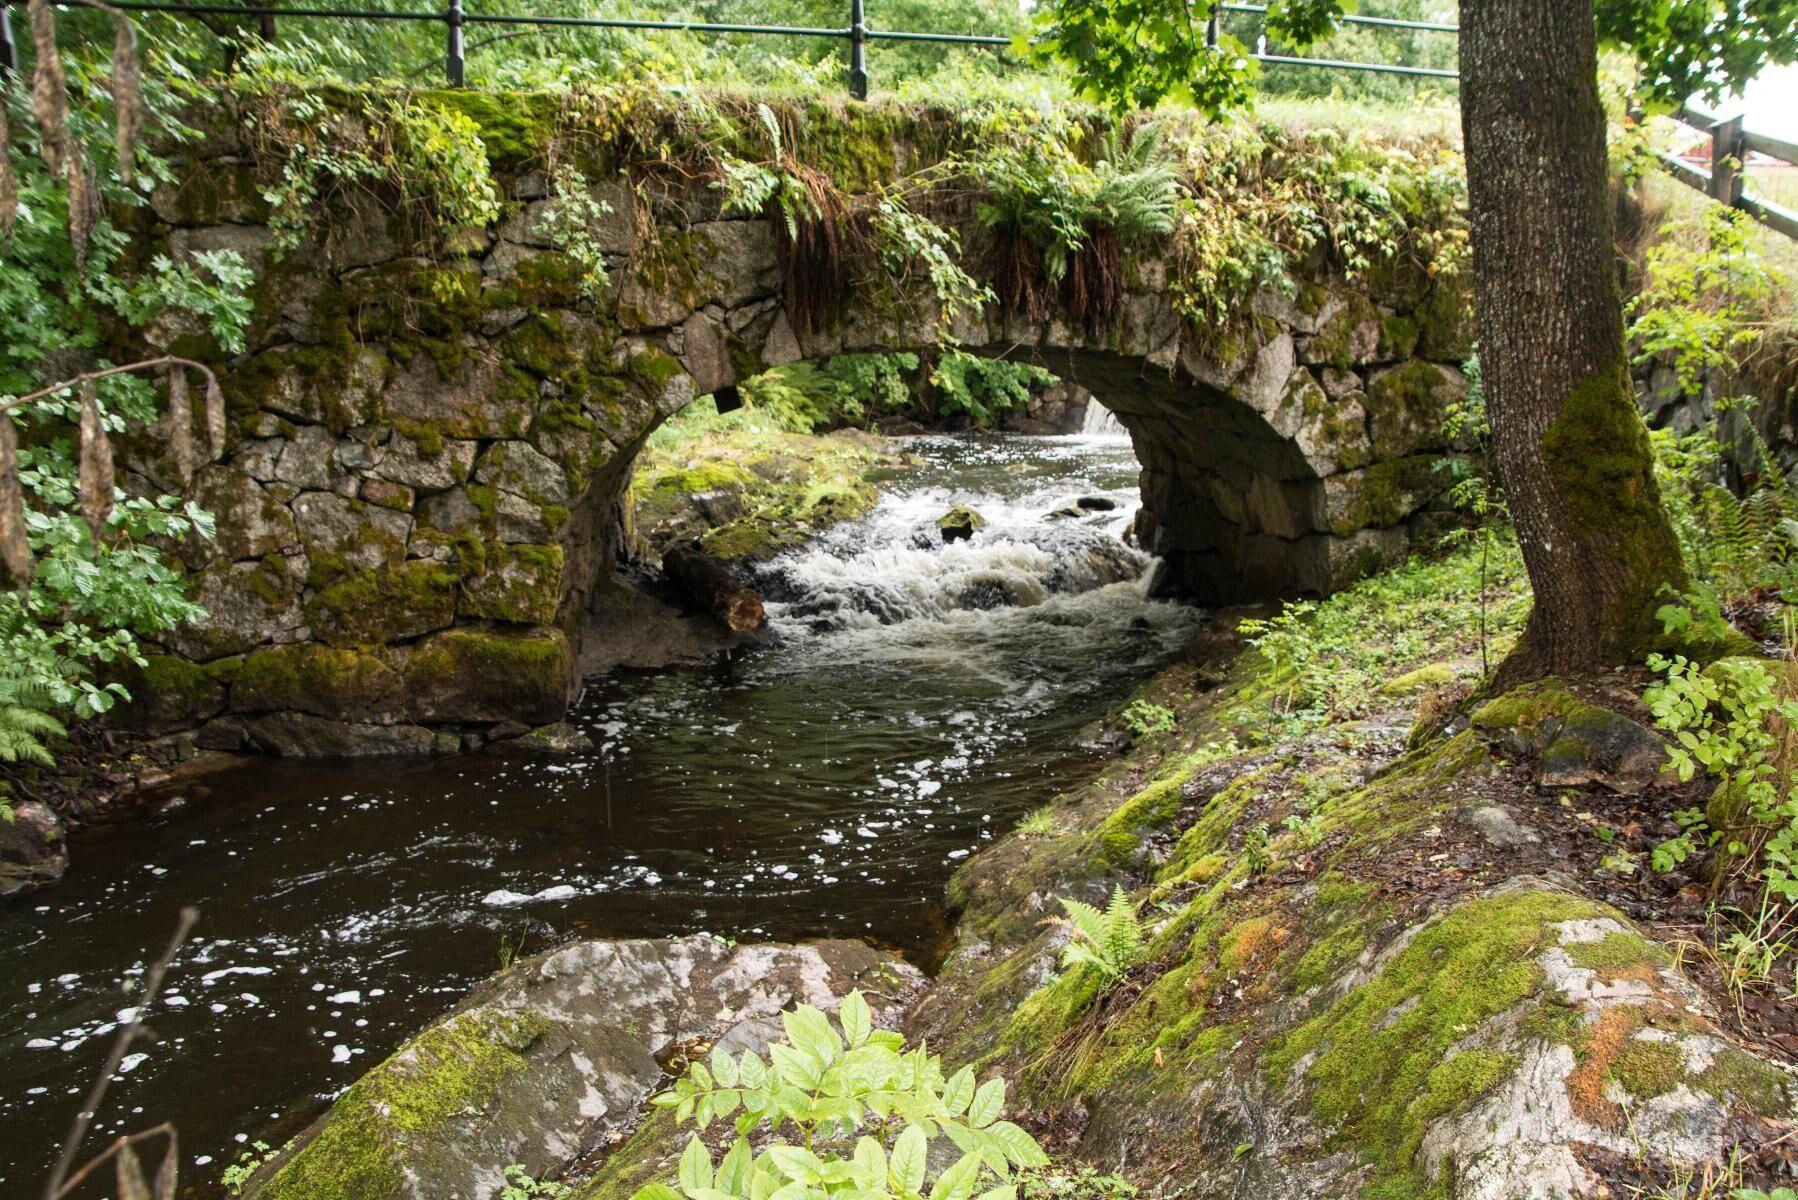 Små vattendrag är särskilt känsliga för överuttag av vatten.